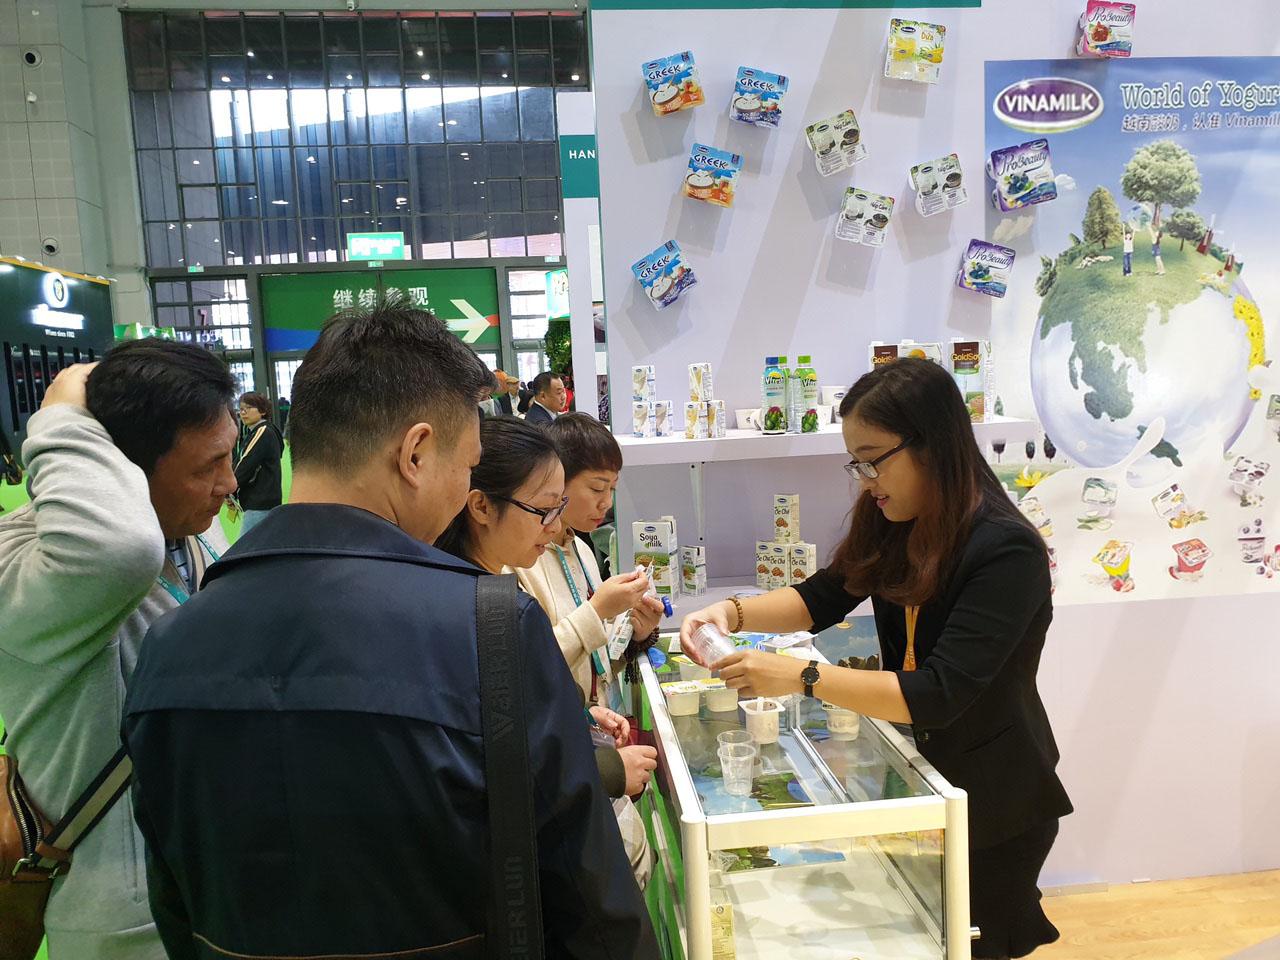 Các sản phẩm sữa của Vinamilk được người tiêu dùng ưa chuộng tại Hội chợ nhập khẩu quốc tế Trung Quốc lần thứ nhất tại Thượng Hải - Ảnh 2